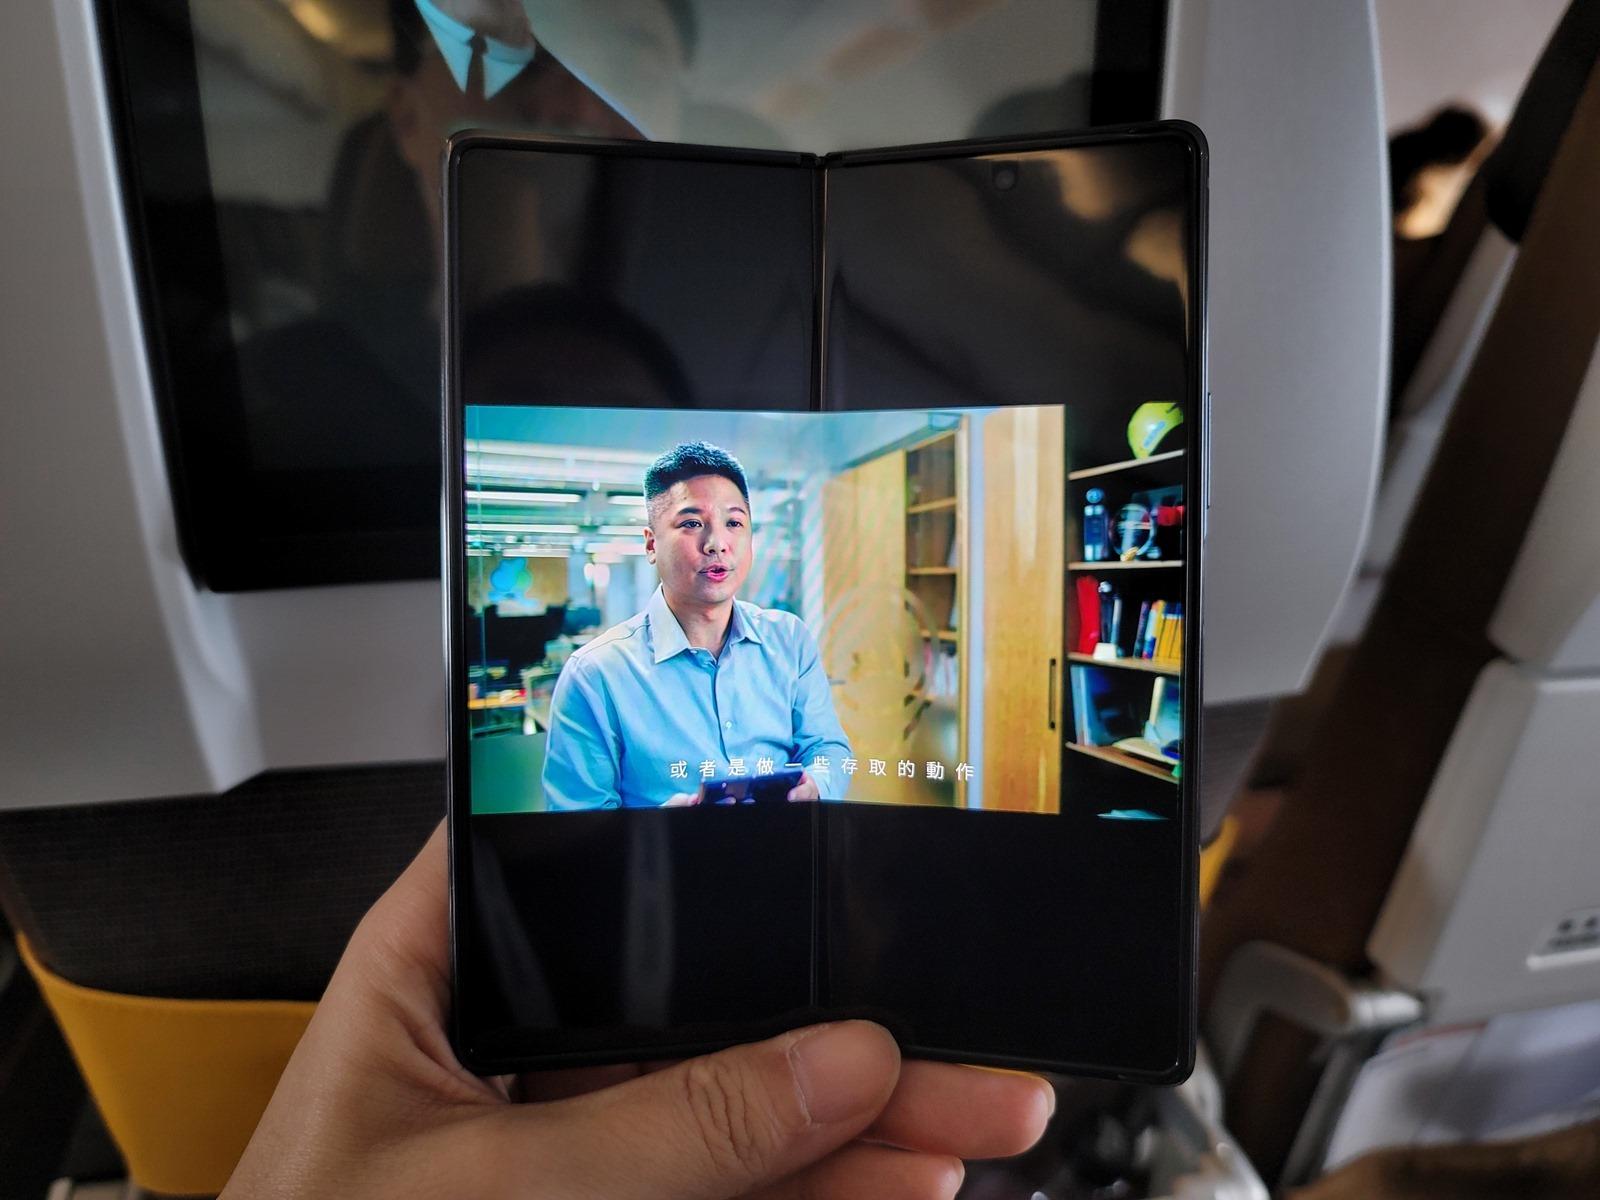 這次三星 x 星宇聯手合作!三星奢華旗艦 Galaxy Z Fold2 5G 超群上市 @3C 達人廖阿輝